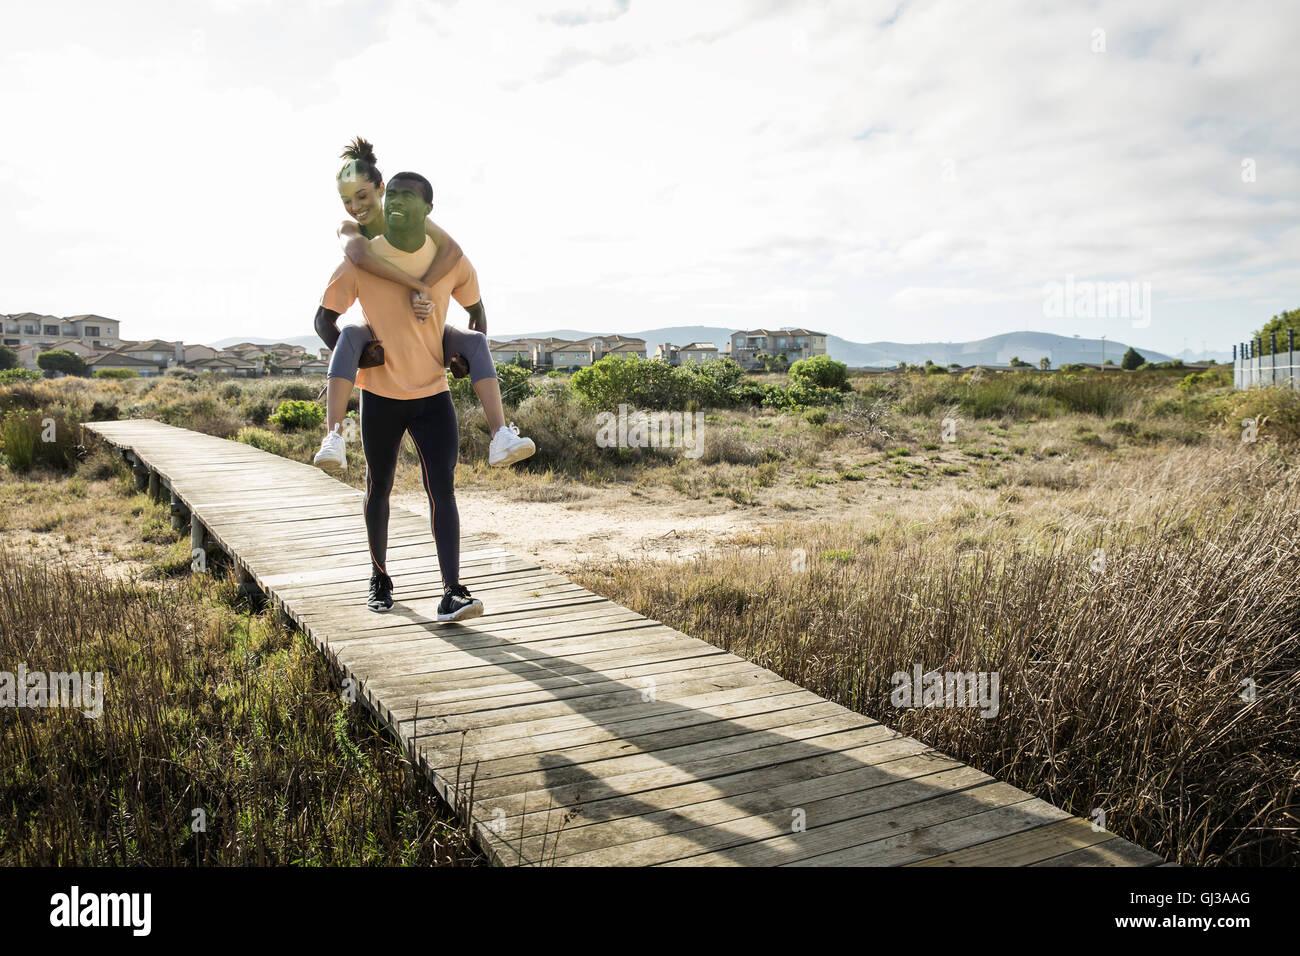 Huckepack auf Holzsteg und Freund des Menschen Stockbild